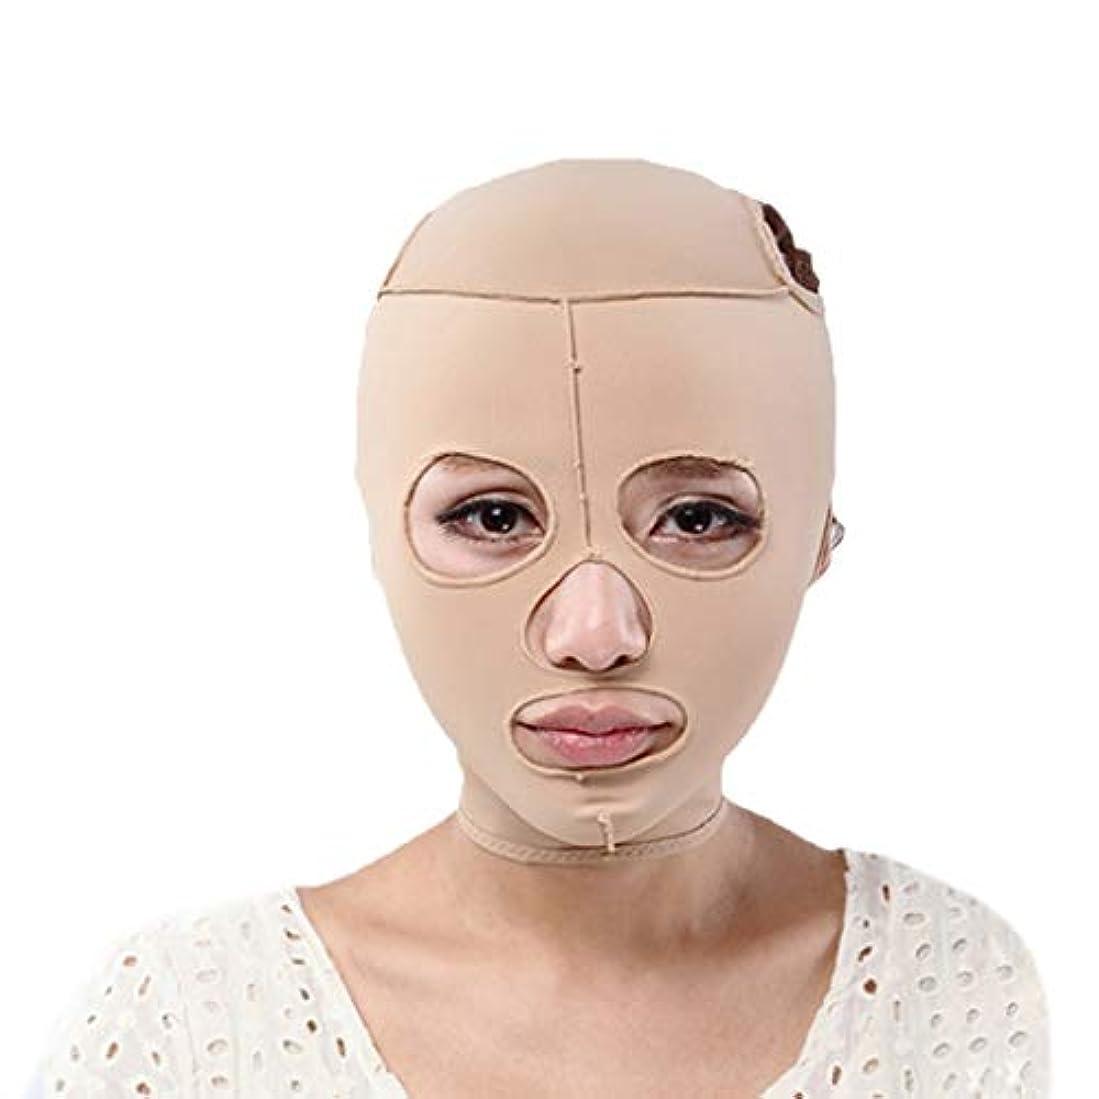 忘れっぽい機械的に病気あごのストラップ、顔の減量のしわ防止マスク、快適な通気性マスクを備えたオールインクルーシブの顔、薄いフェイスマスクのリフティング包帯引き締め (Size : L)